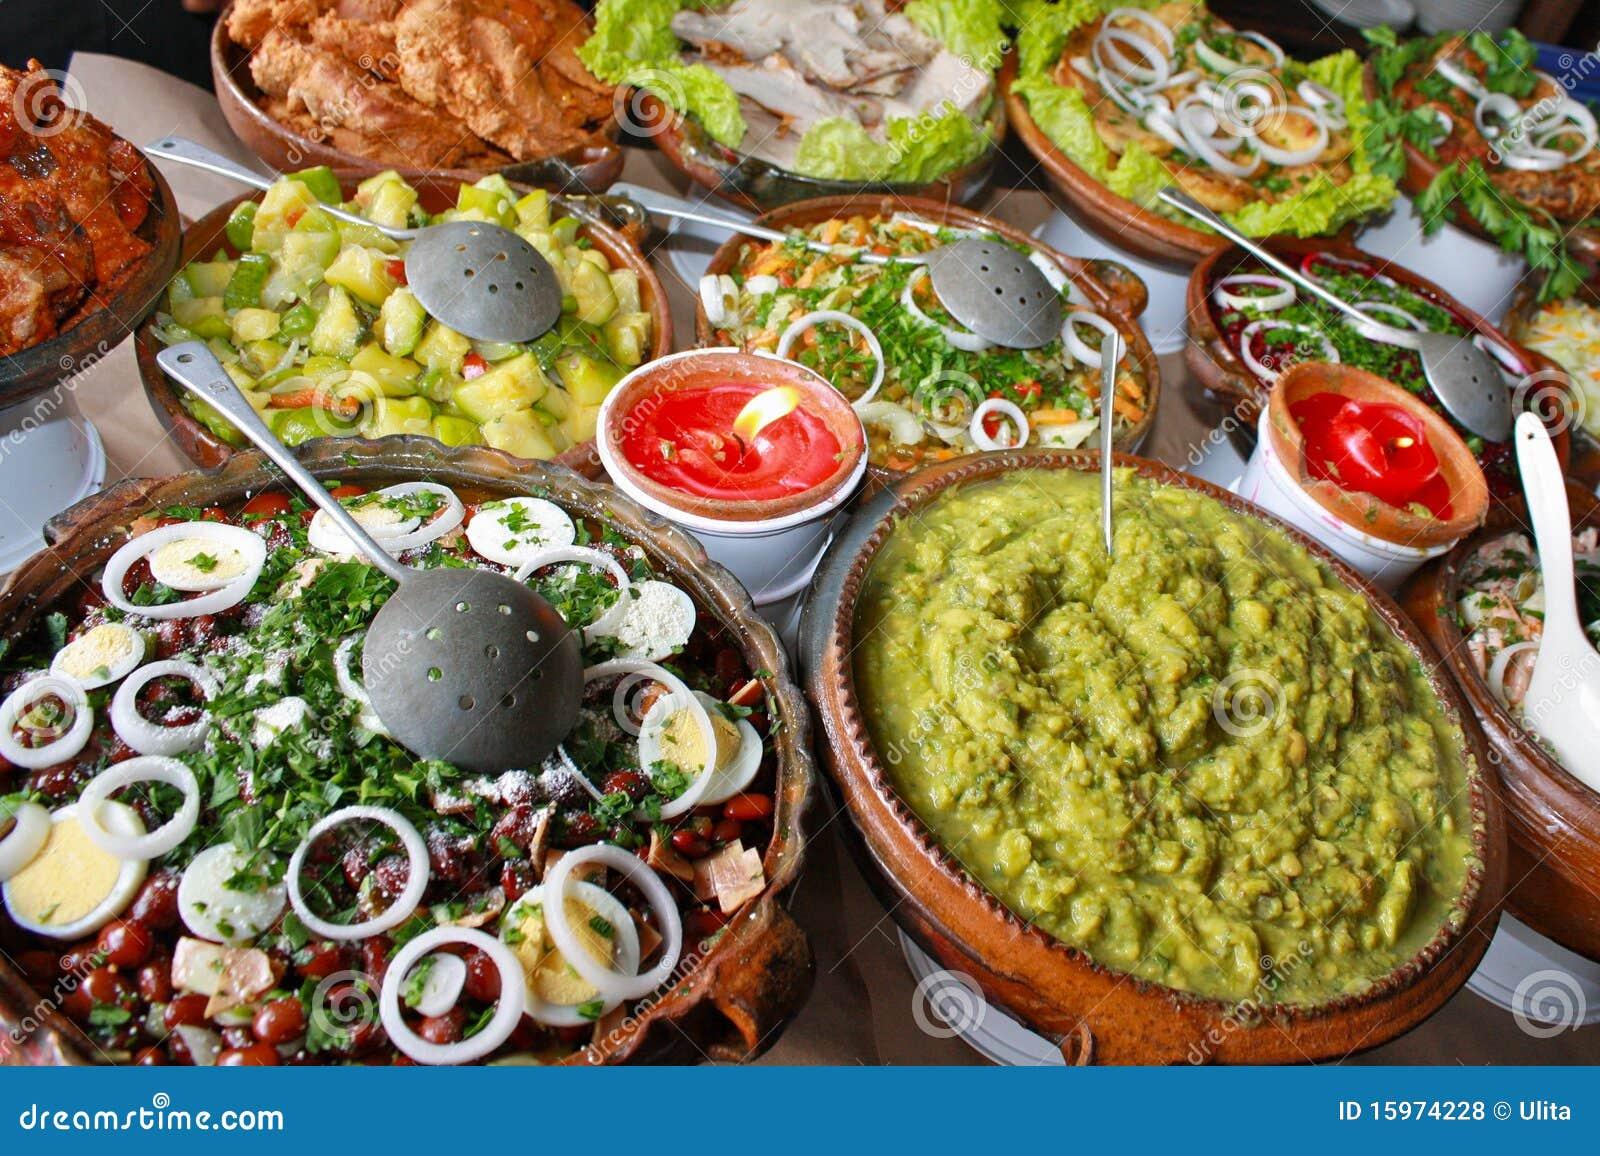 La comida tradicional de Guatemala